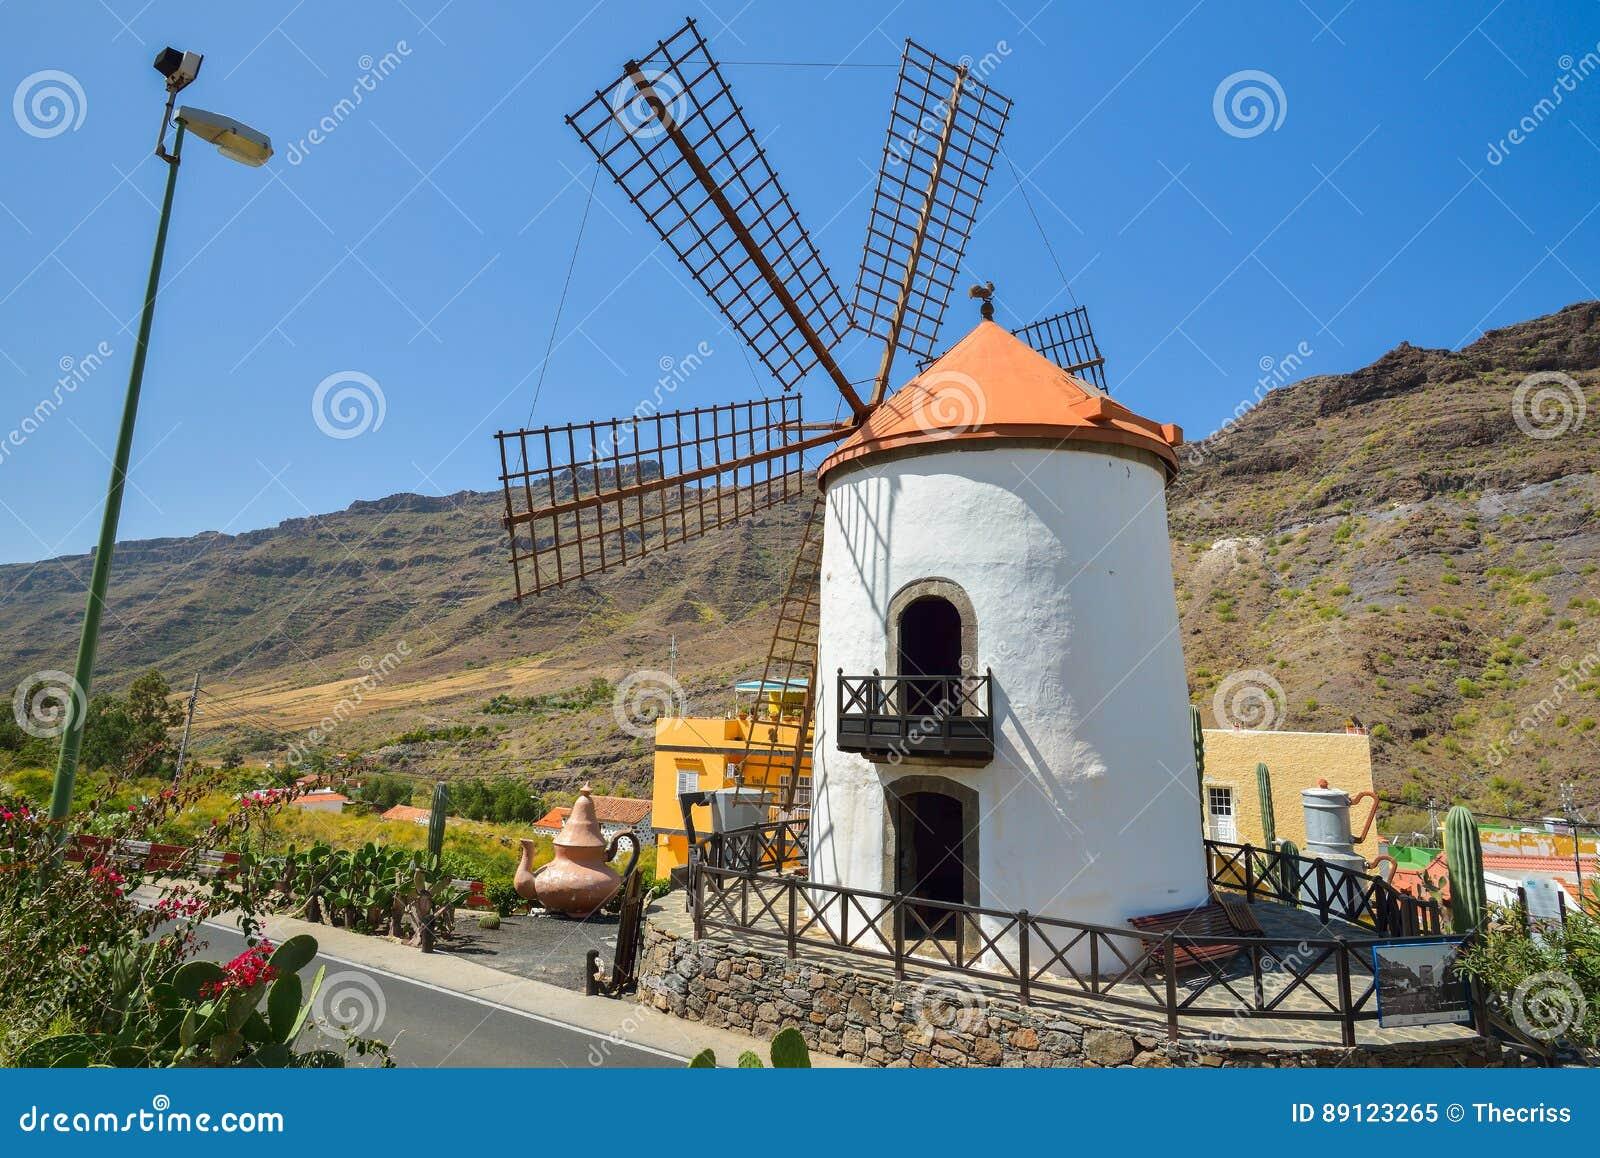 Windmill Pueblo Mogan Gran Canaria, Spain